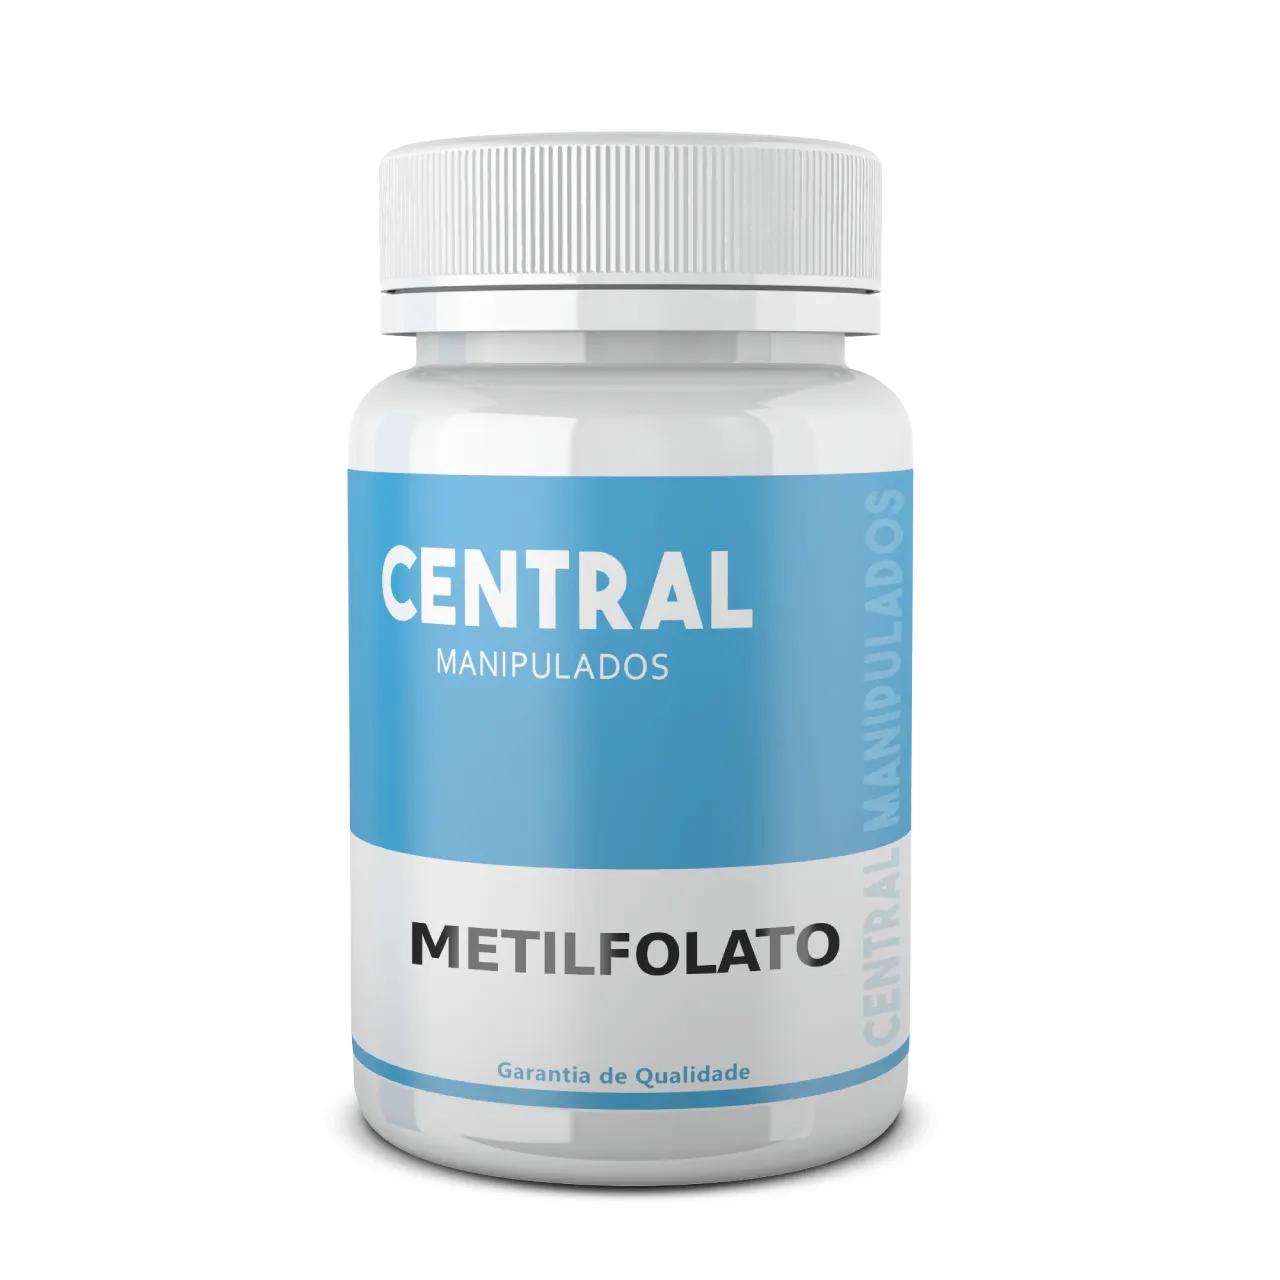 Metilfolato 800 mcg - 120 cápsulas - Forma Ativa do Ácido Fólico, Antidepressivo, Doença cardiovascular, Desintoxicante